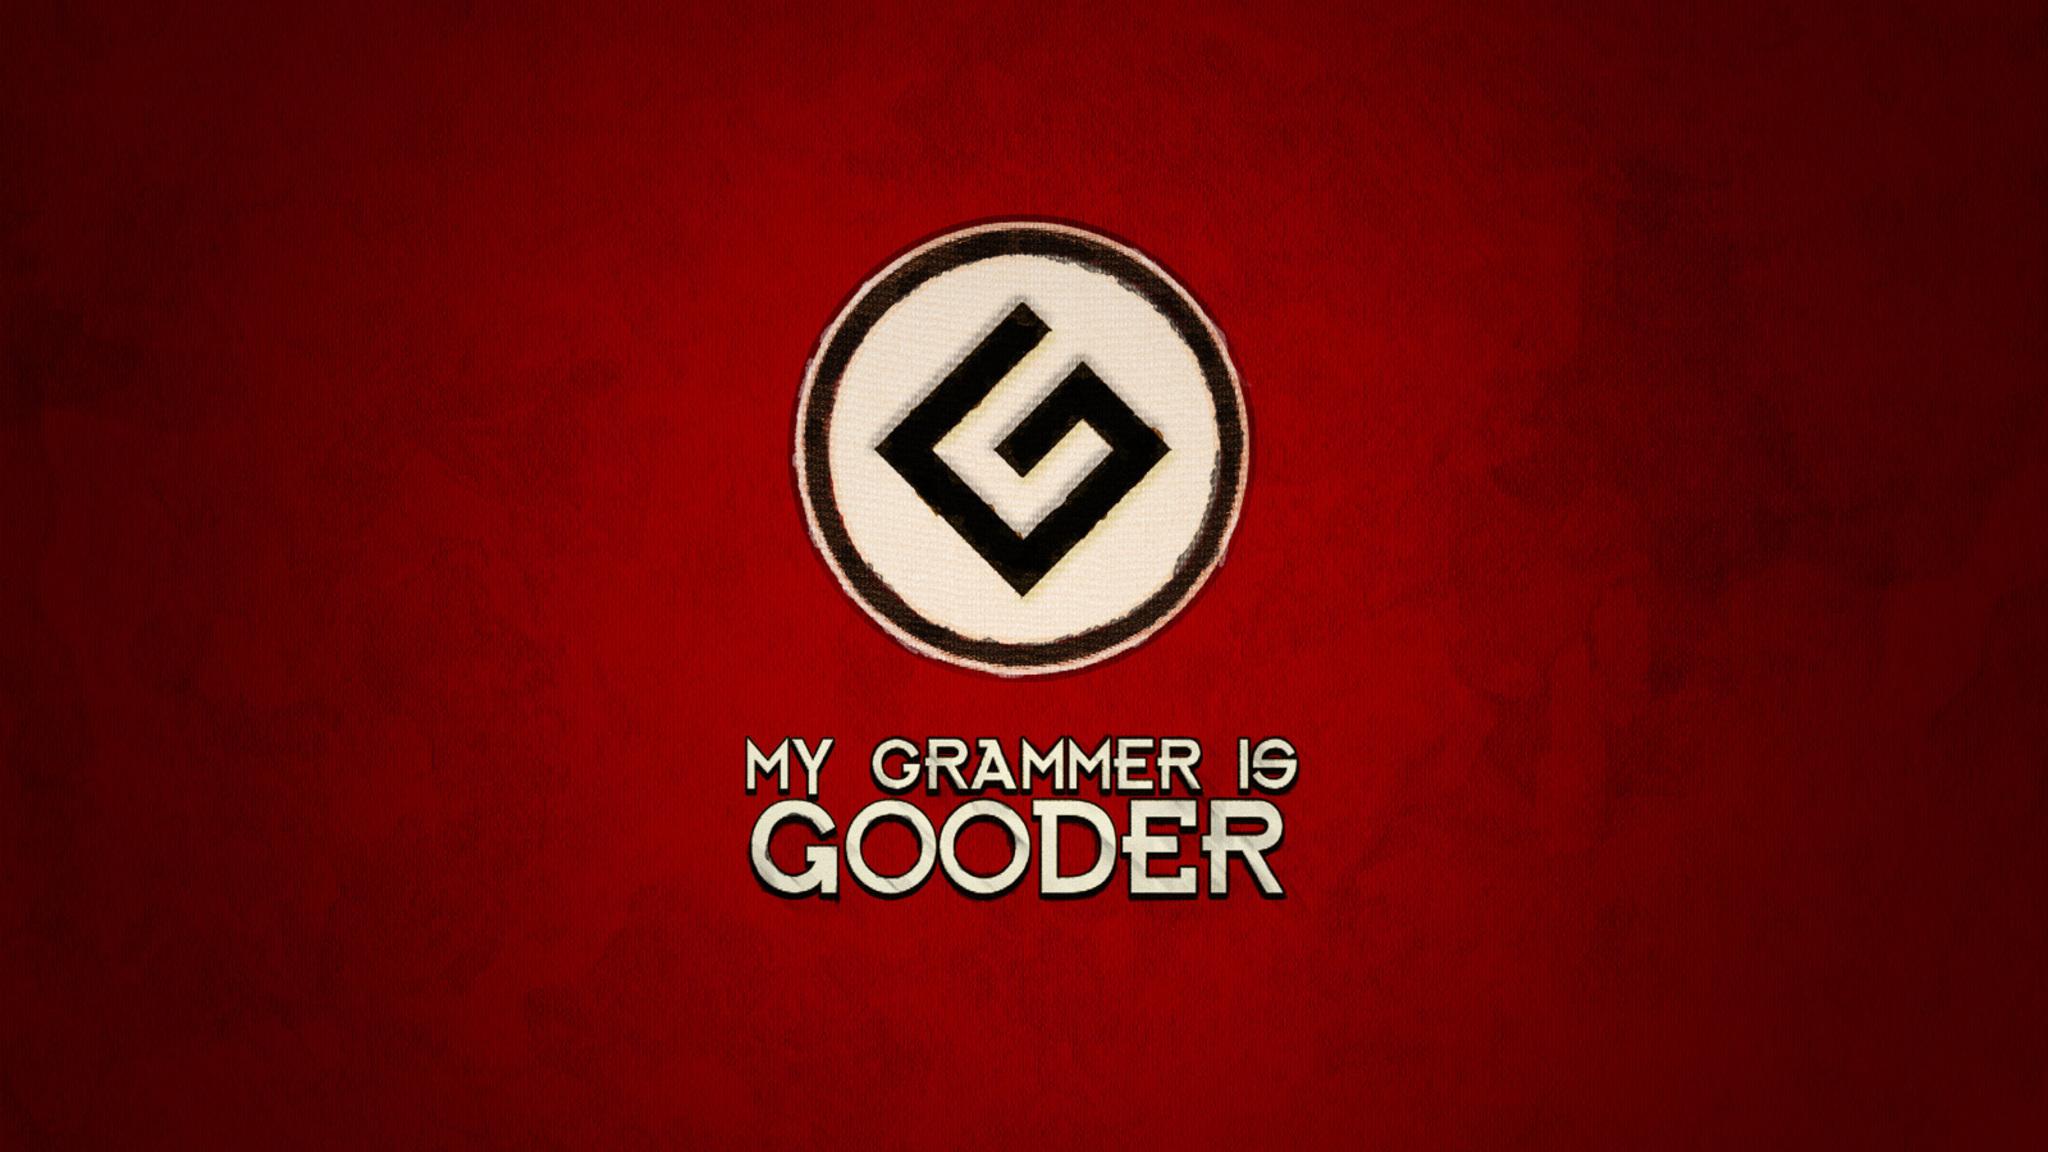 my-grammer-is-gooder.jpg